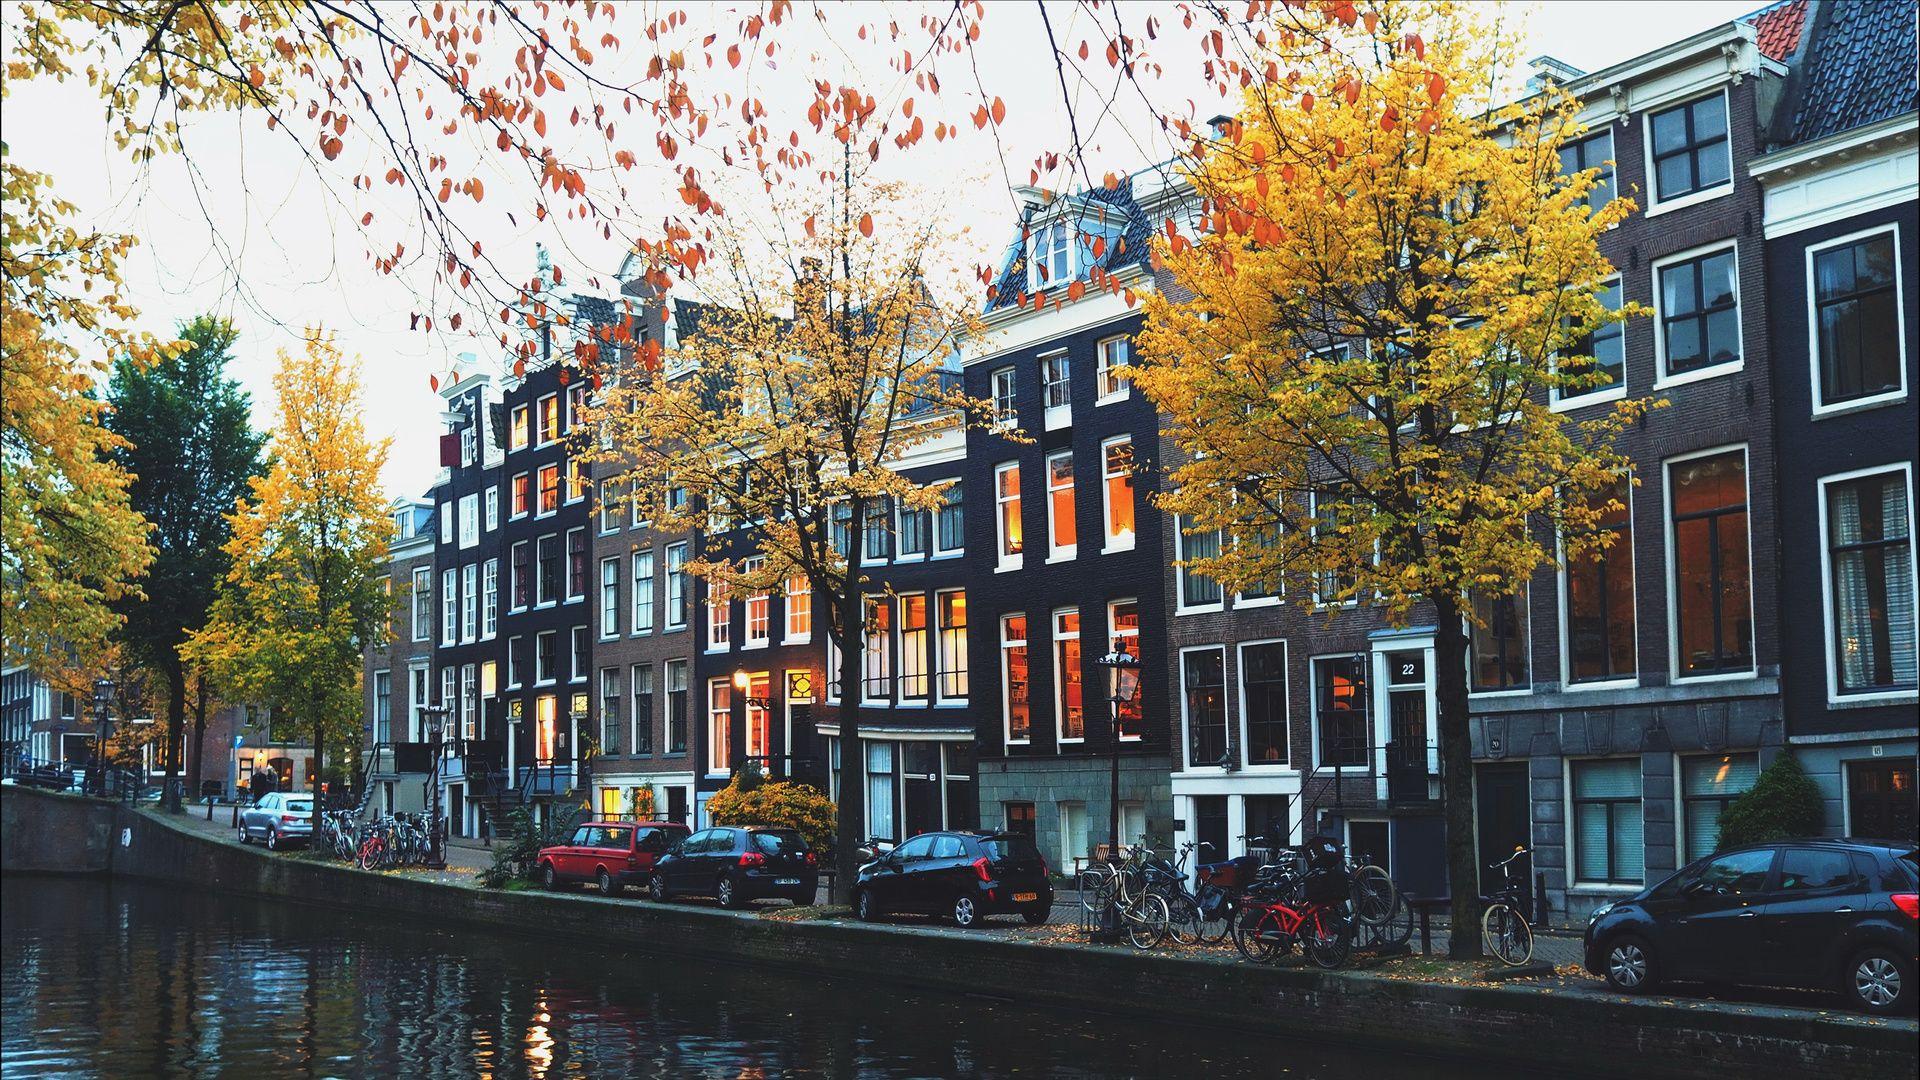 Amsterdam vertical wallpaper hd